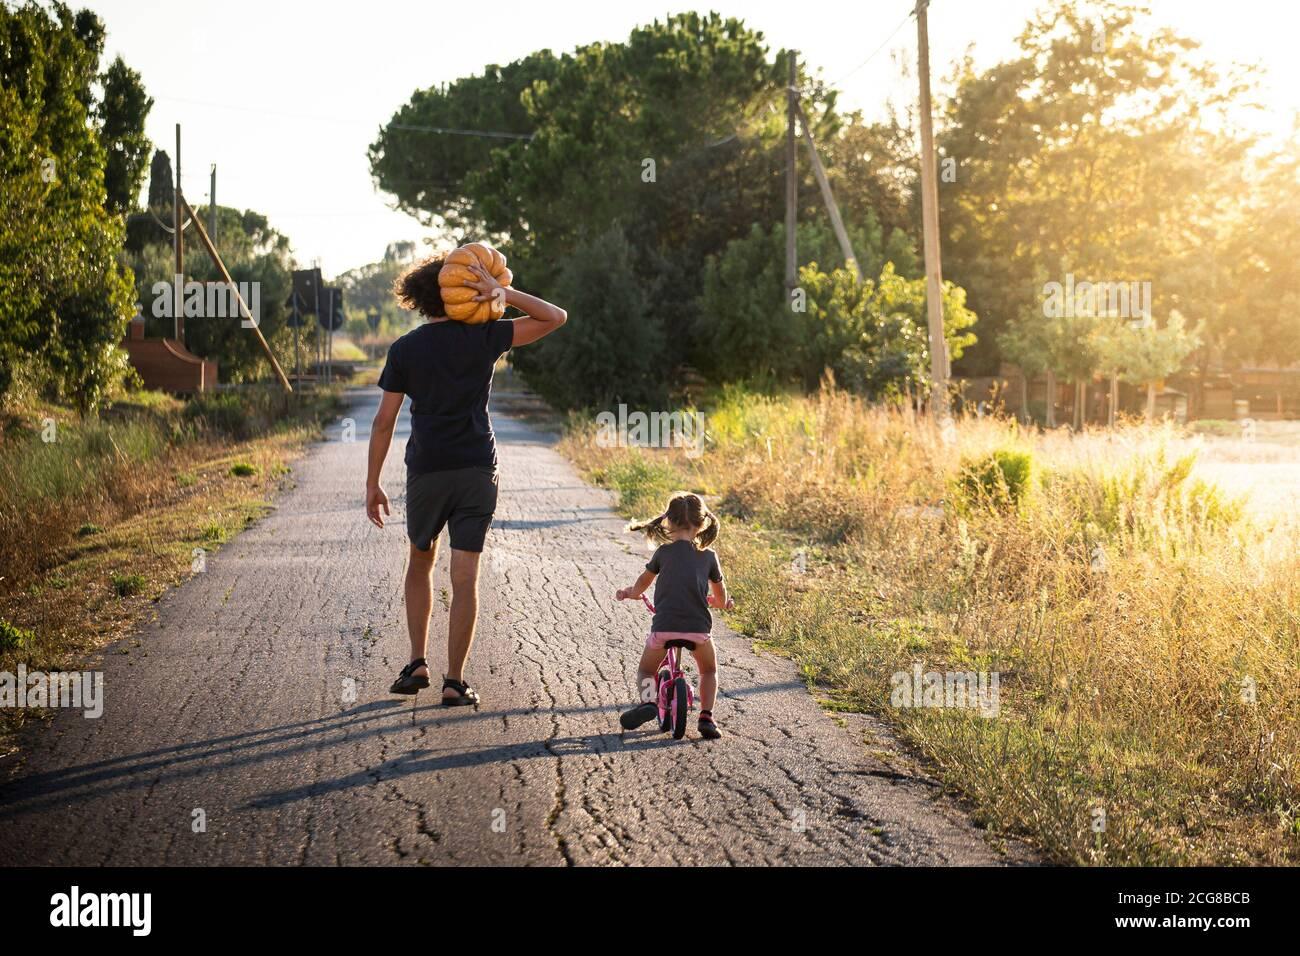 Niña pequeña, montando en bicicleta, con su joven padre llevando una gran calabaza de halloween en un camino campestre al atardecer. Vista posterior. Foto de stock